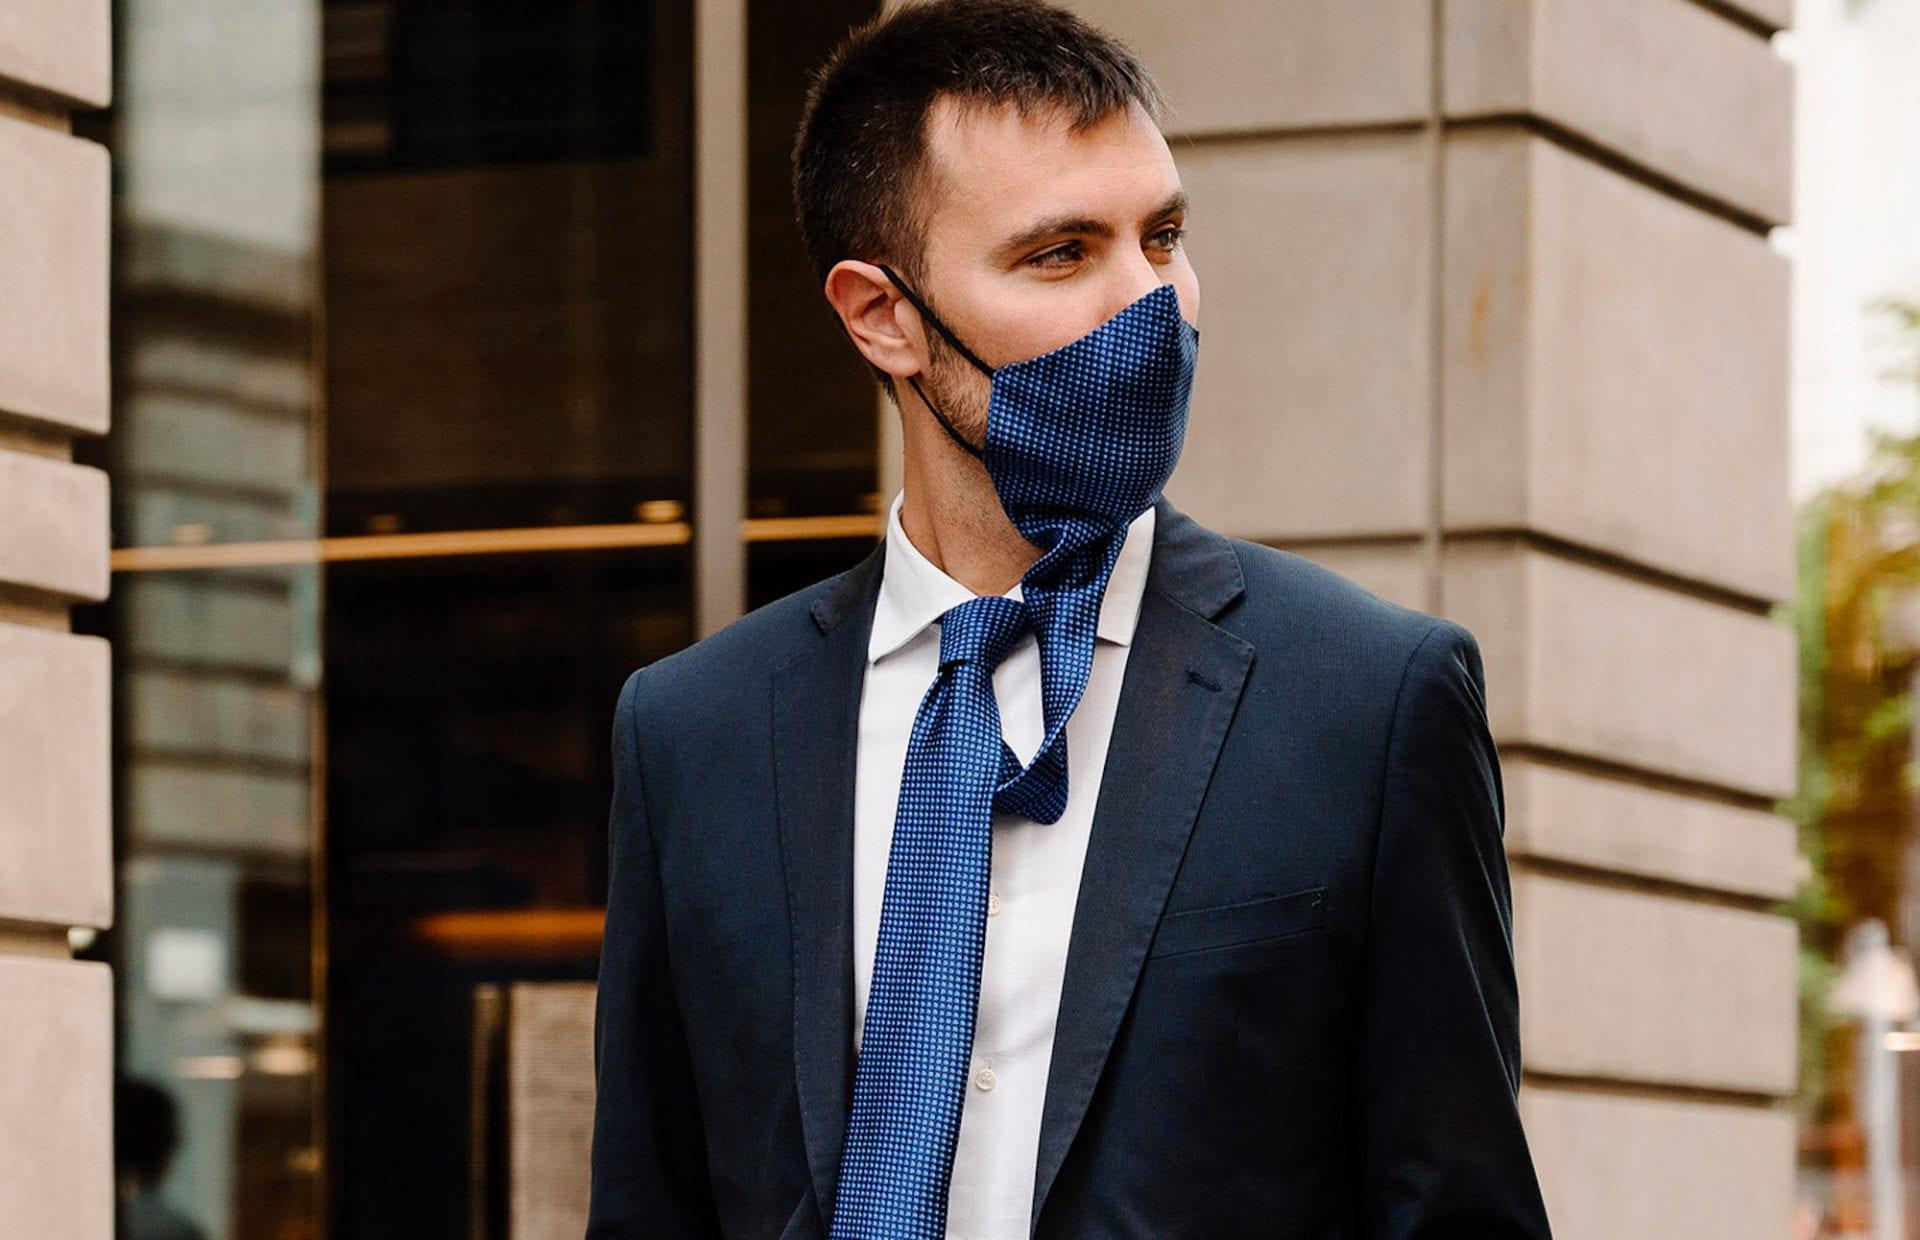 Cette cravate se transforme en masque pour vous protéger avec élégance